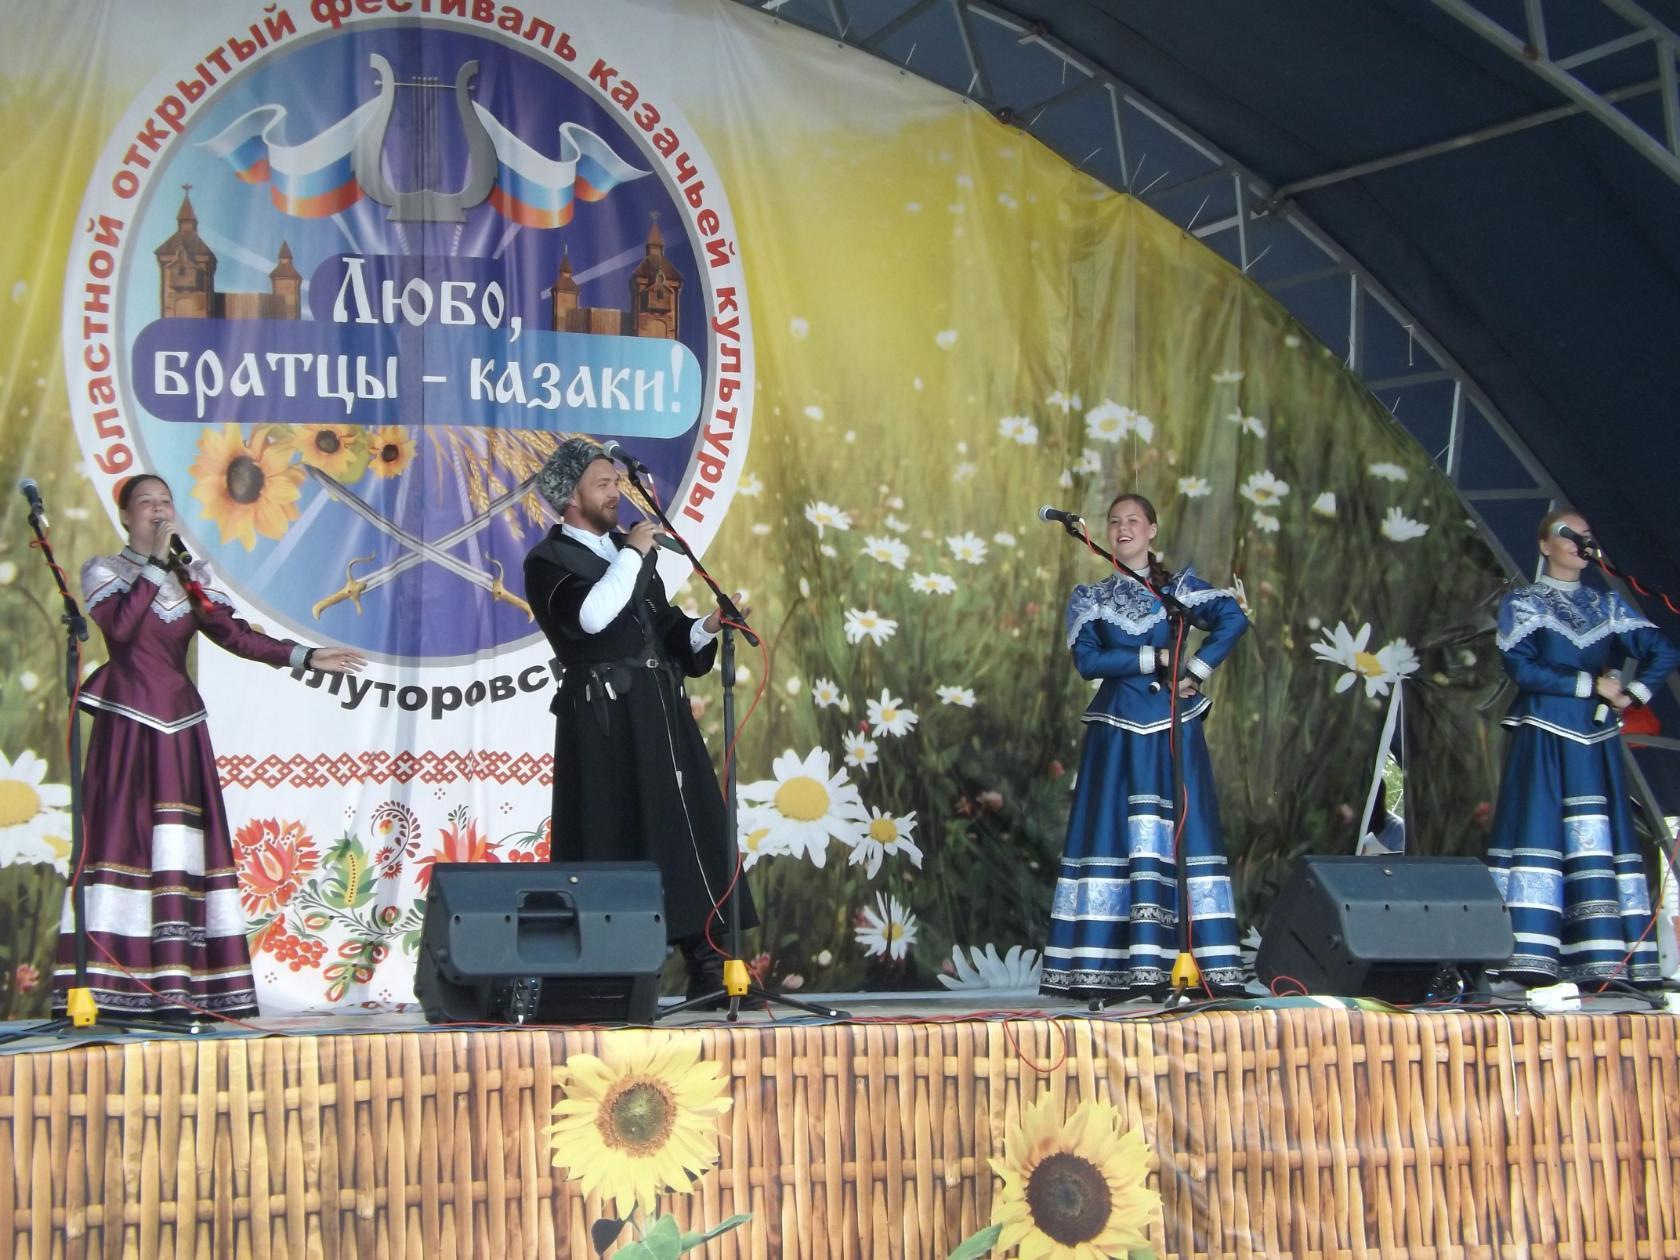 Тюменская область, Ялуторовск, малые города, фестивали Урала, фестиваль казачьей культуры, любо, братцы-казаки